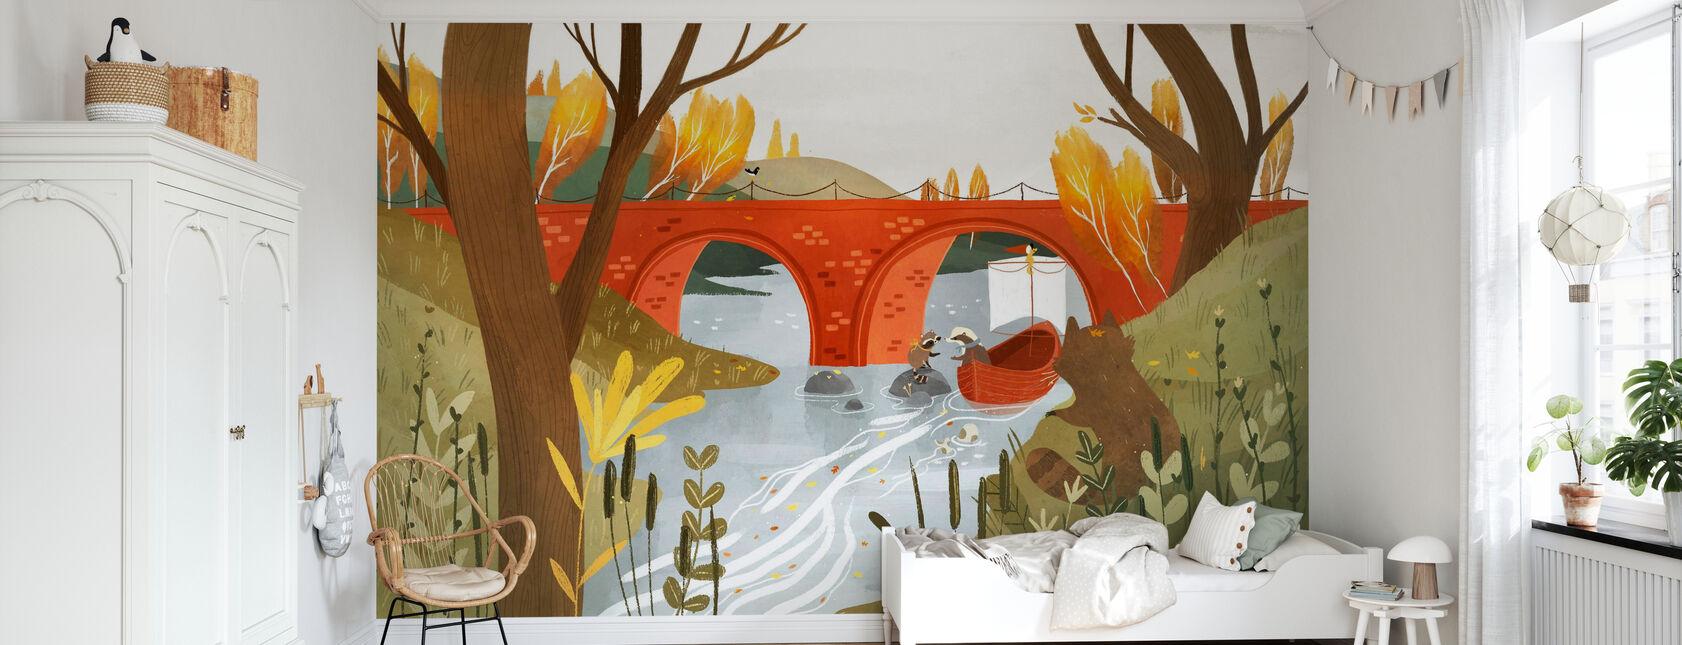 Badgers Journey - Wallpaper - Kids Room